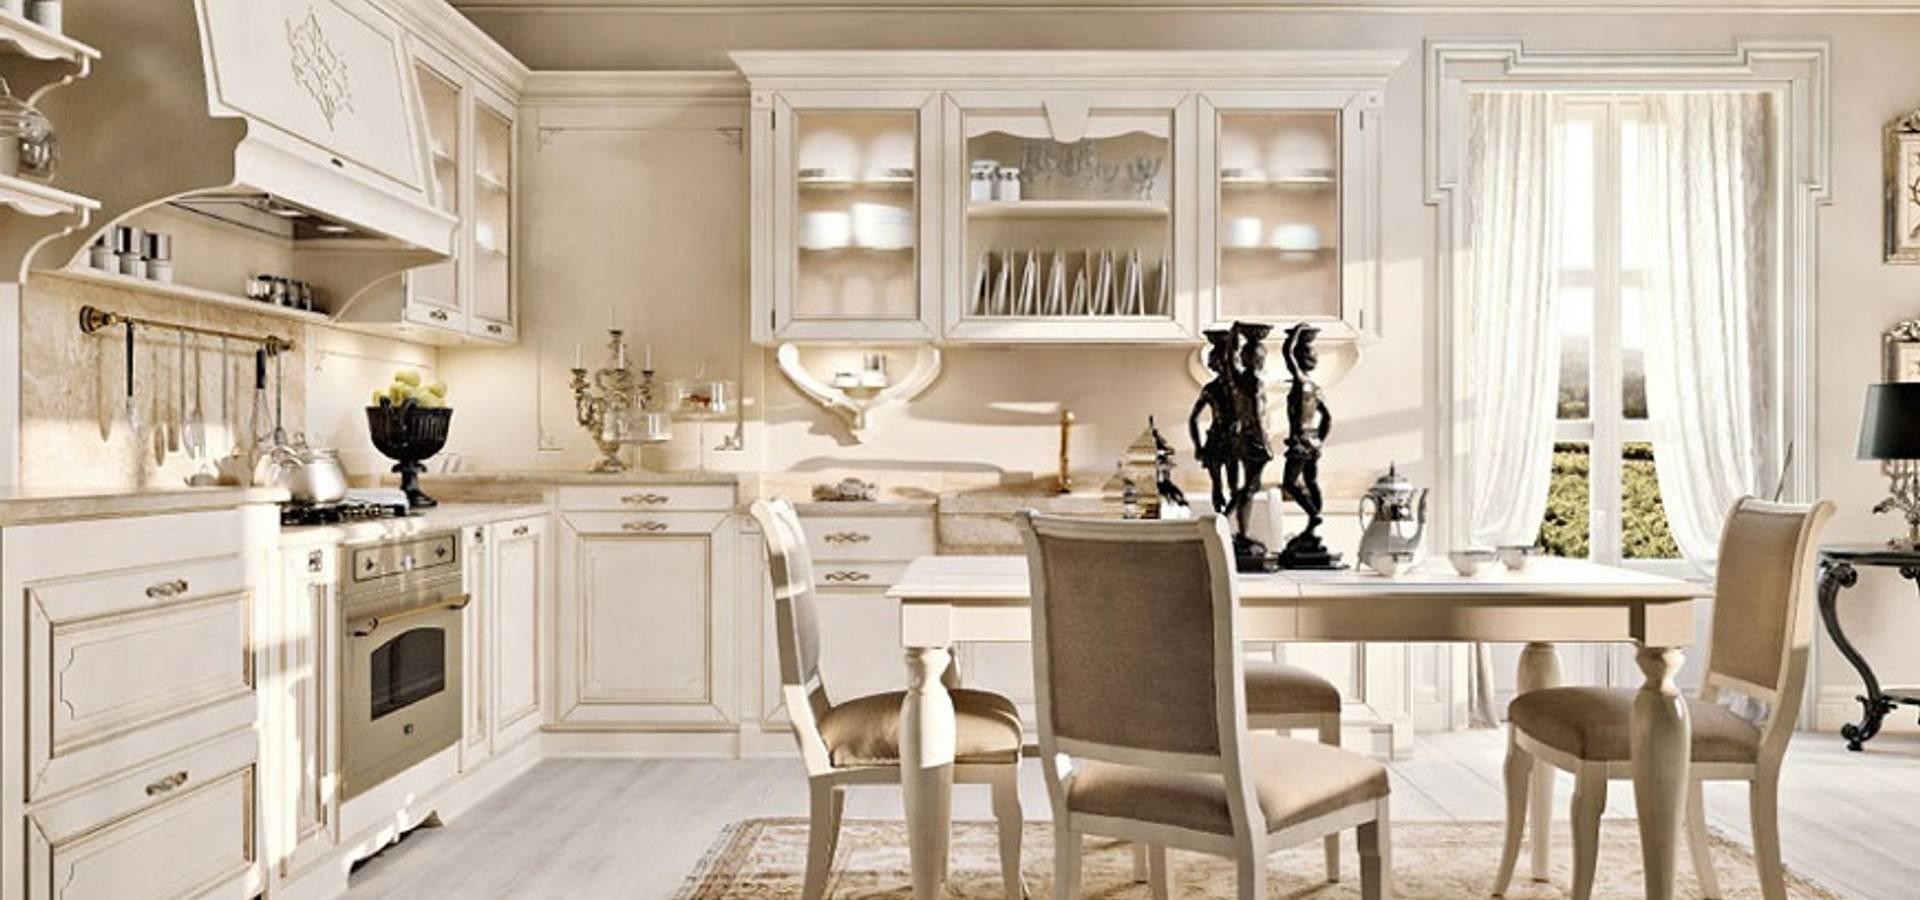 Cucine roma mobili accessori a roma homify for Cucine classiche